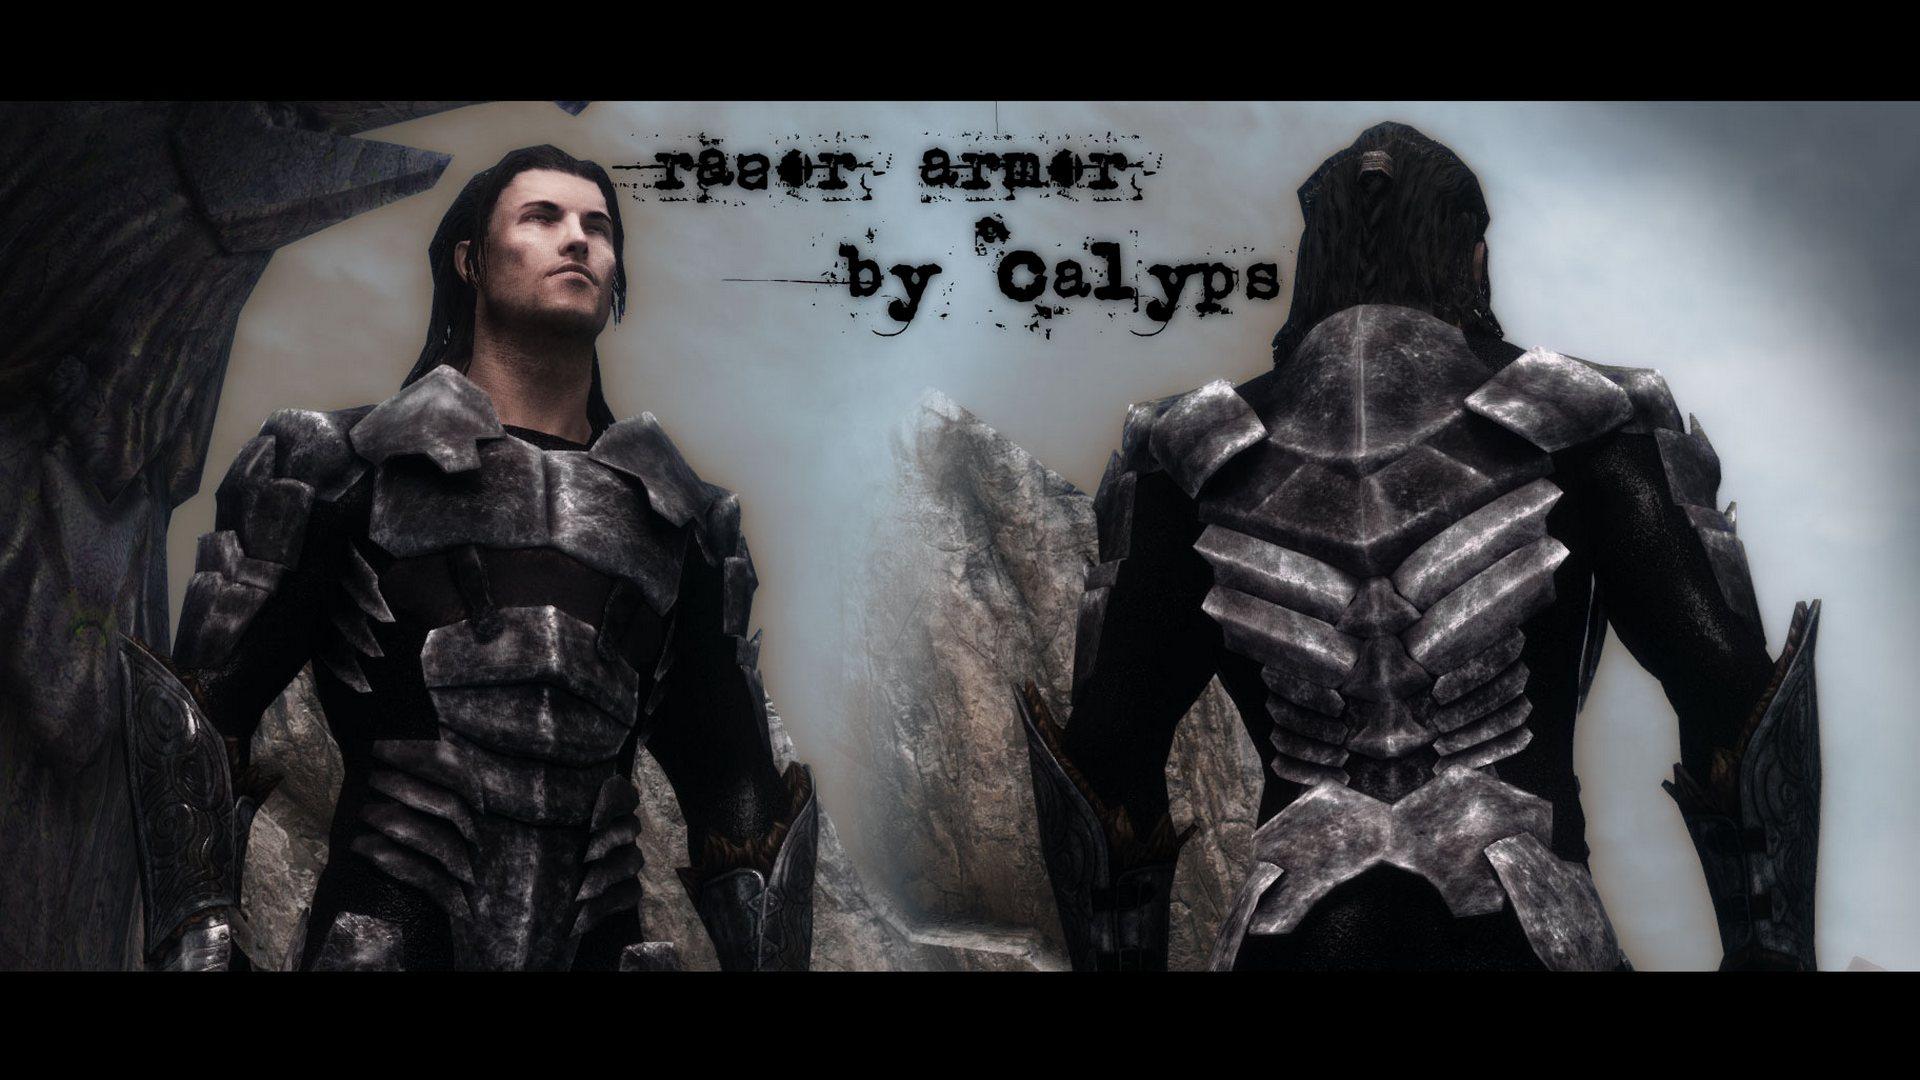 Calyps_Razor_Armor.jpg